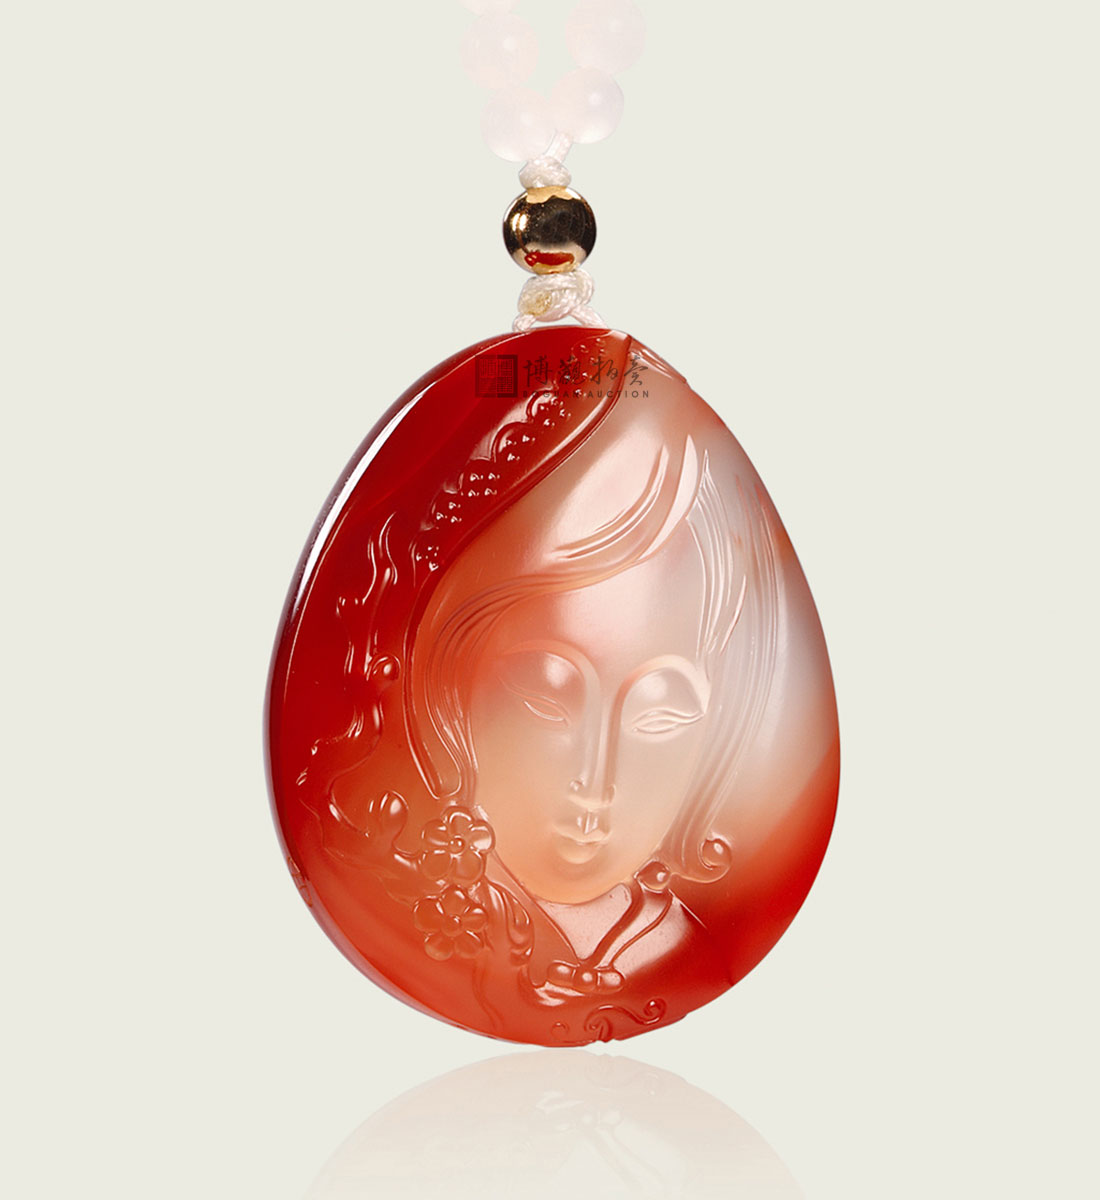 艺术珍宝- 南红雕刻    1 - h_x_y_123456 - 何晓昱的艺术博客